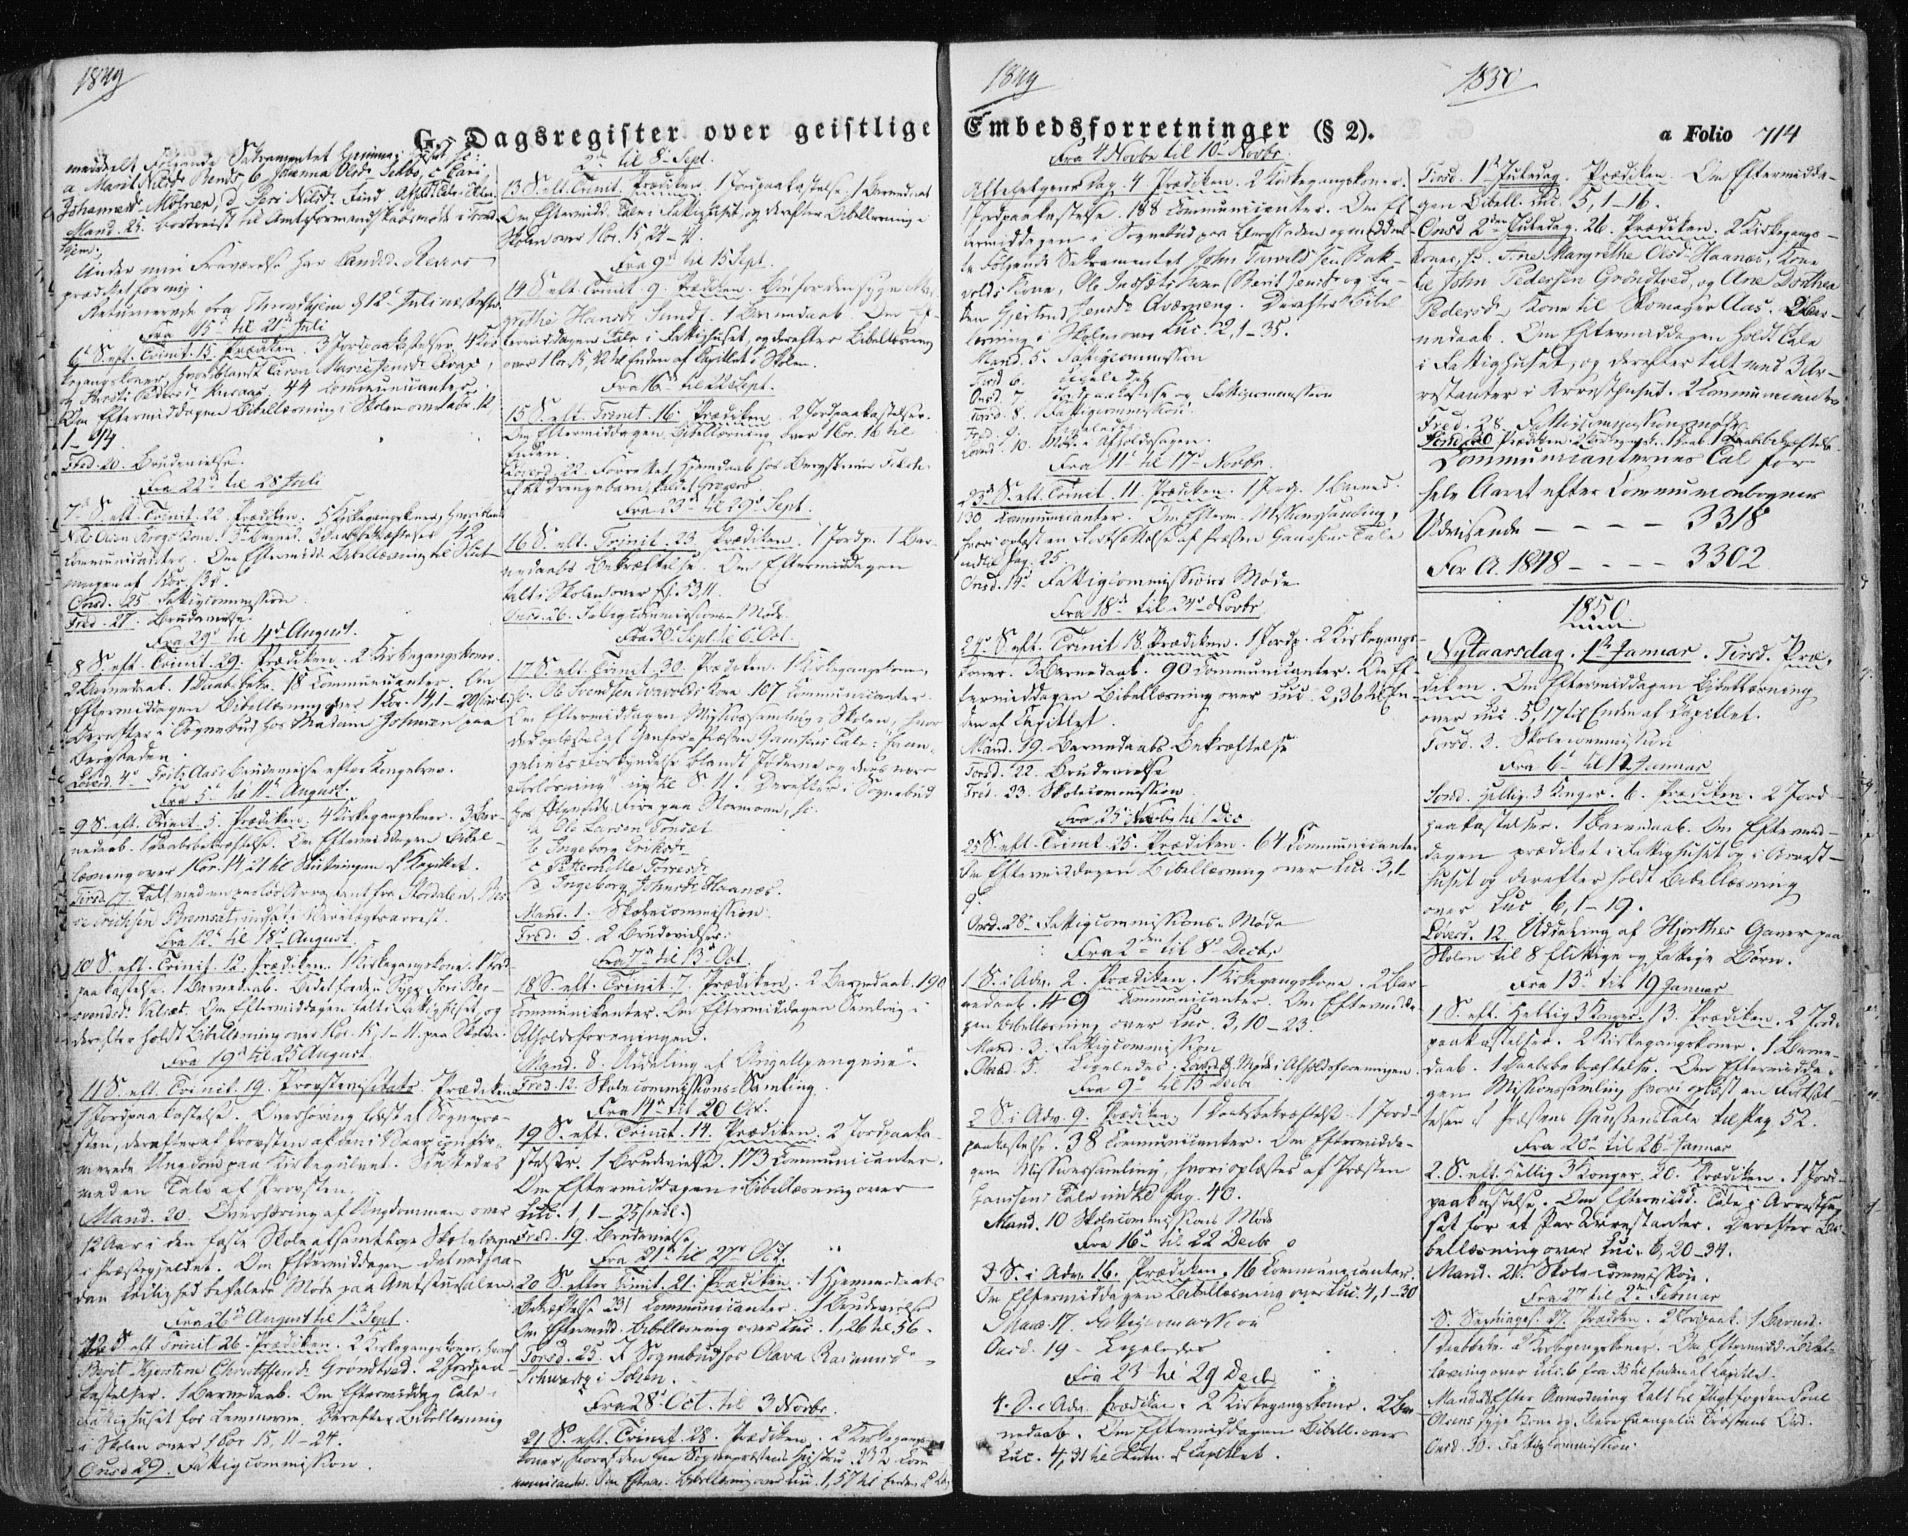 SAT, Ministerialprotokoller, klokkerbøker og fødselsregistre - Sør-Trøndelag, 681/L0931: Ministerialbok nr. 681A09, 1845-1859, s. 714